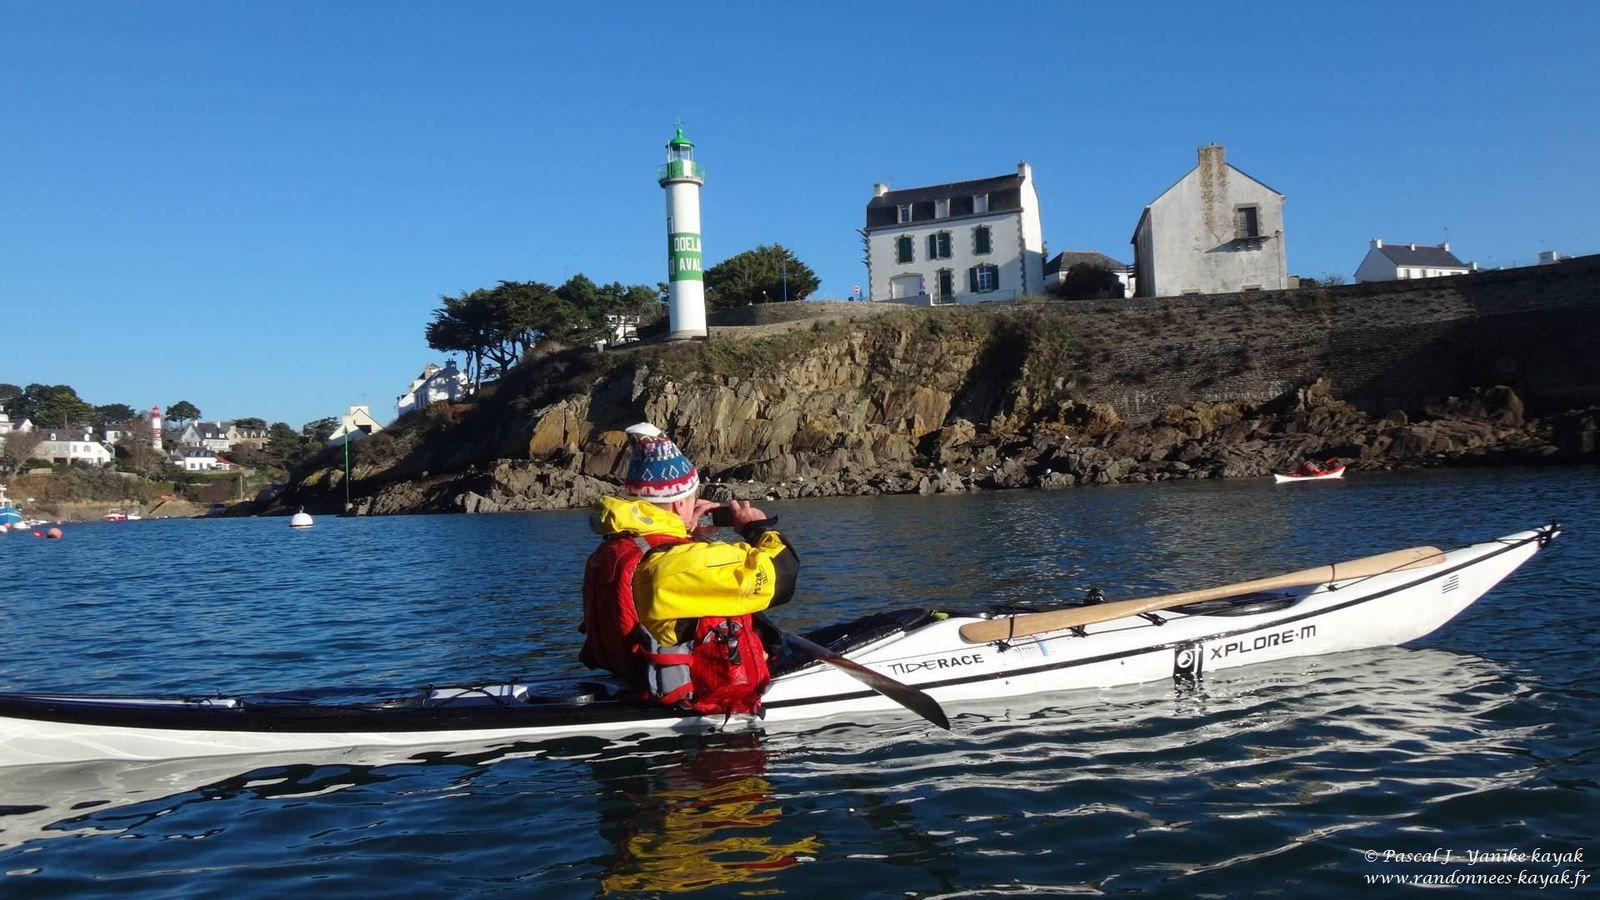 Brigneau - Doëlan - Porsac'h : à la découverte des rias et ports abri du Finistère Sud